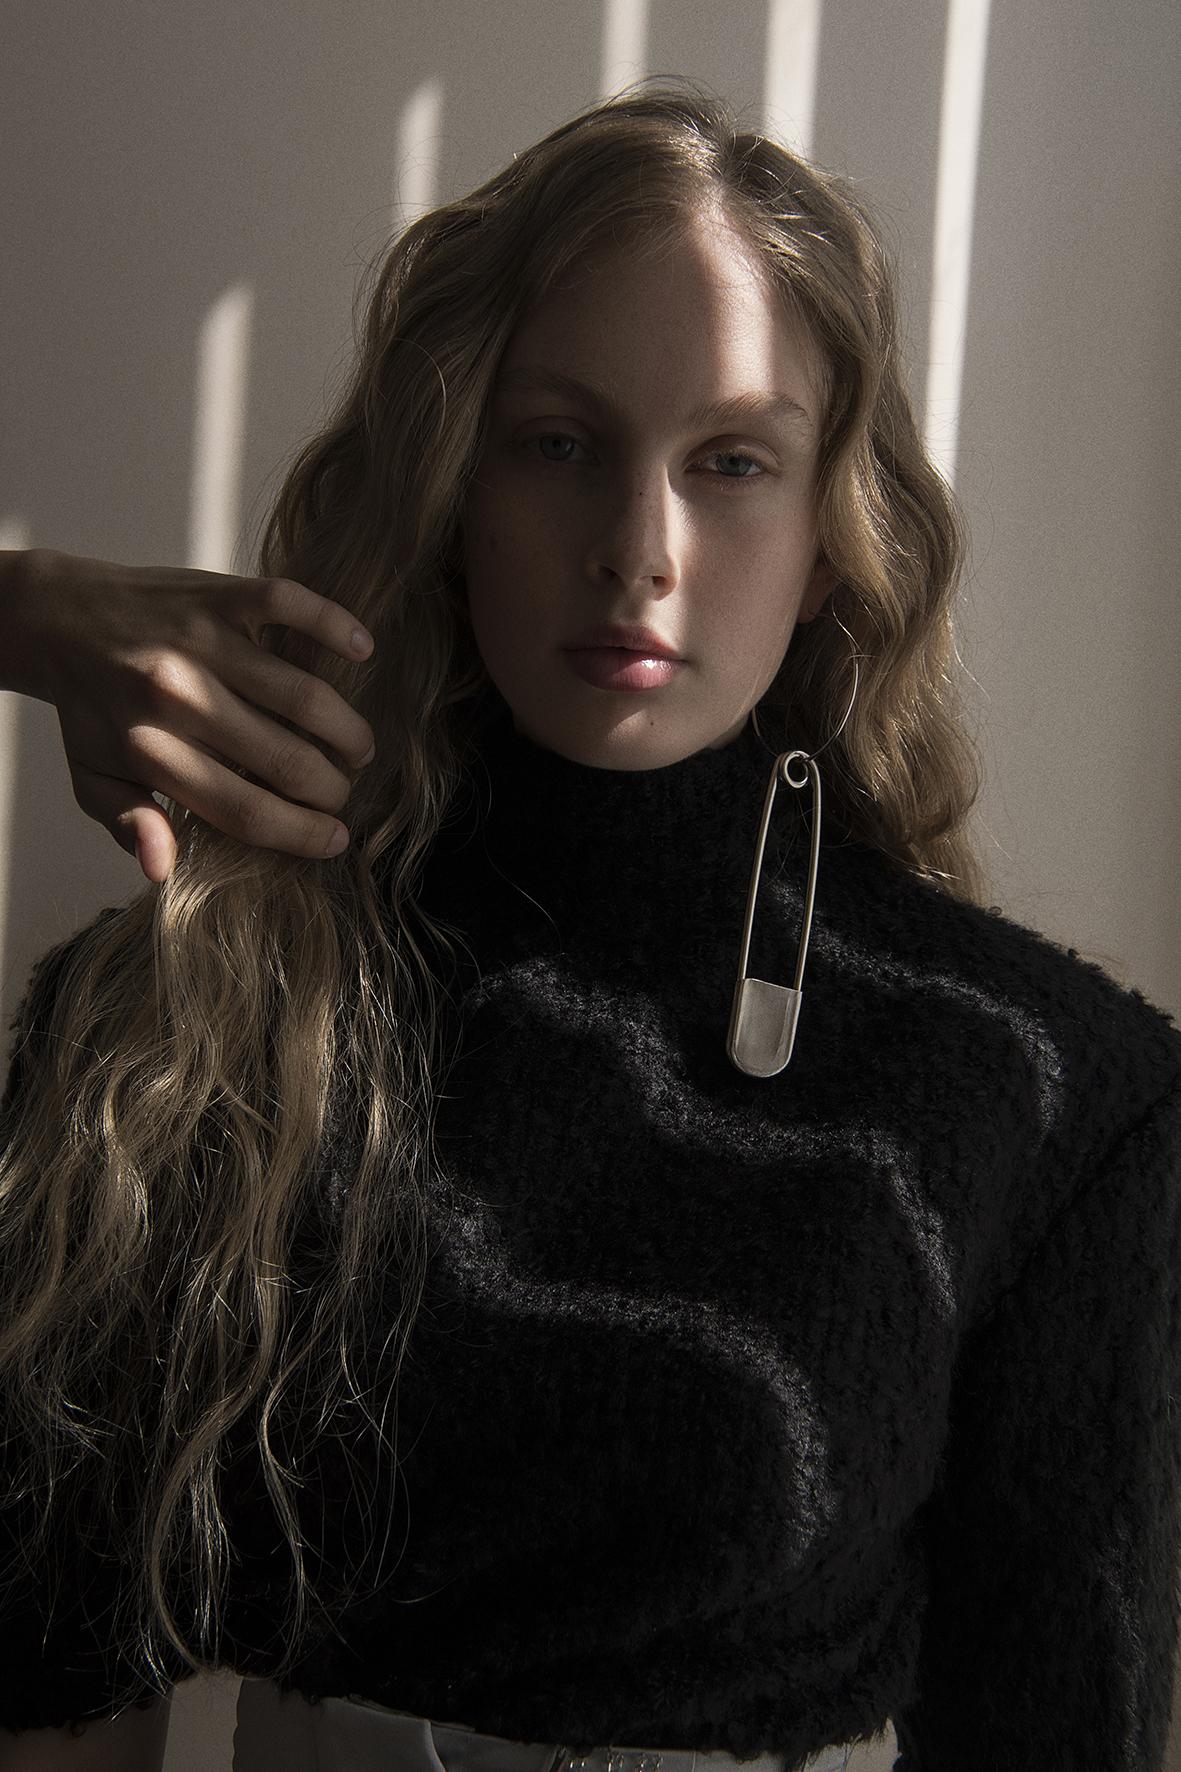 top  aaizél  earring  stylist's own